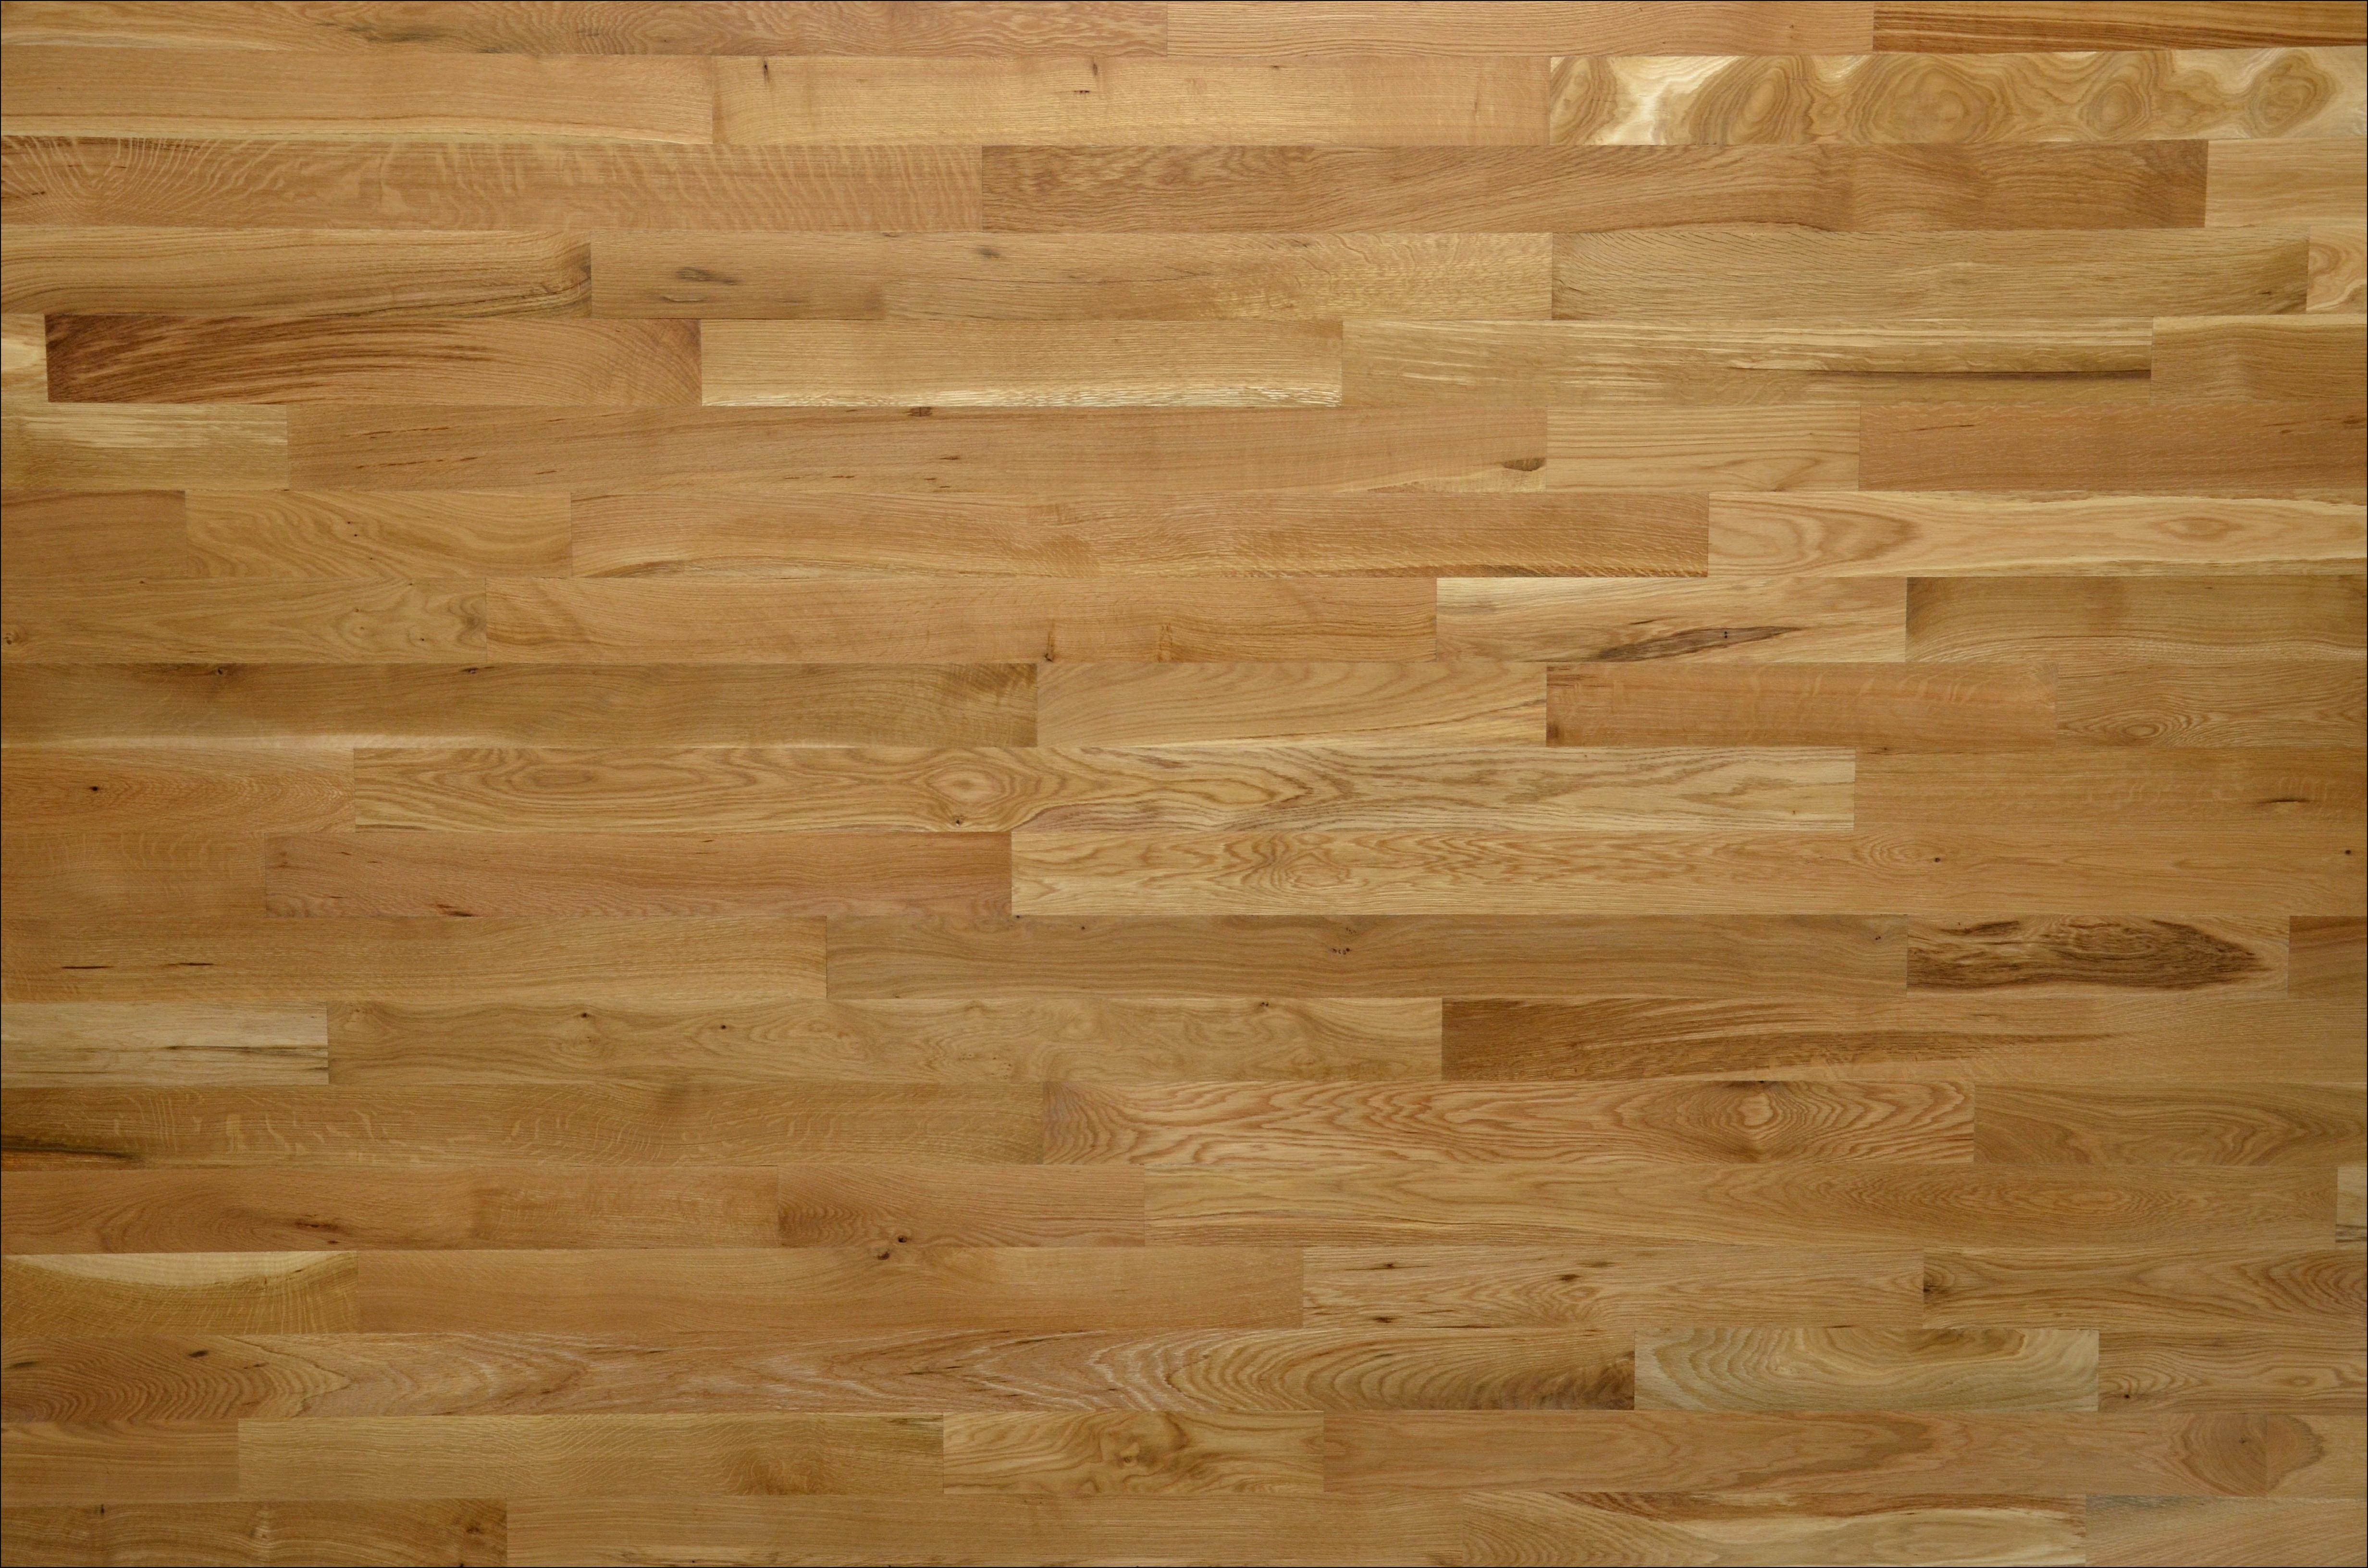 2 1 4 oak hardwood flooring of 2 white oak flooring unfinished stock 2 mon red oak lacrosse intended for 2 white oak flooring unfinished stock 2 mon red oak lacrosse flooring